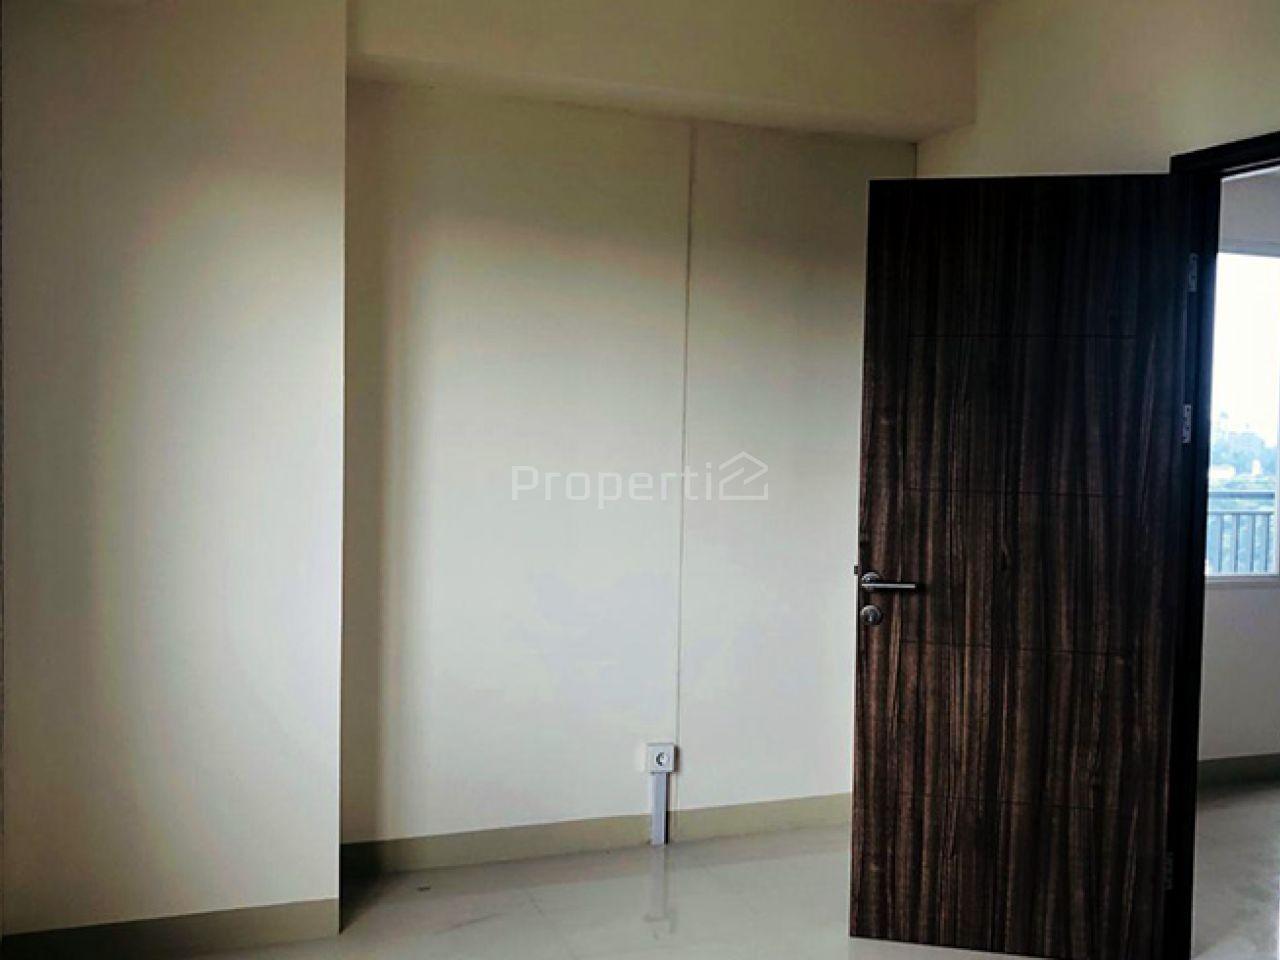 2BR Apartment Unit at Galeri Ciumbuleuit 3, 10th Floor, Cidadap